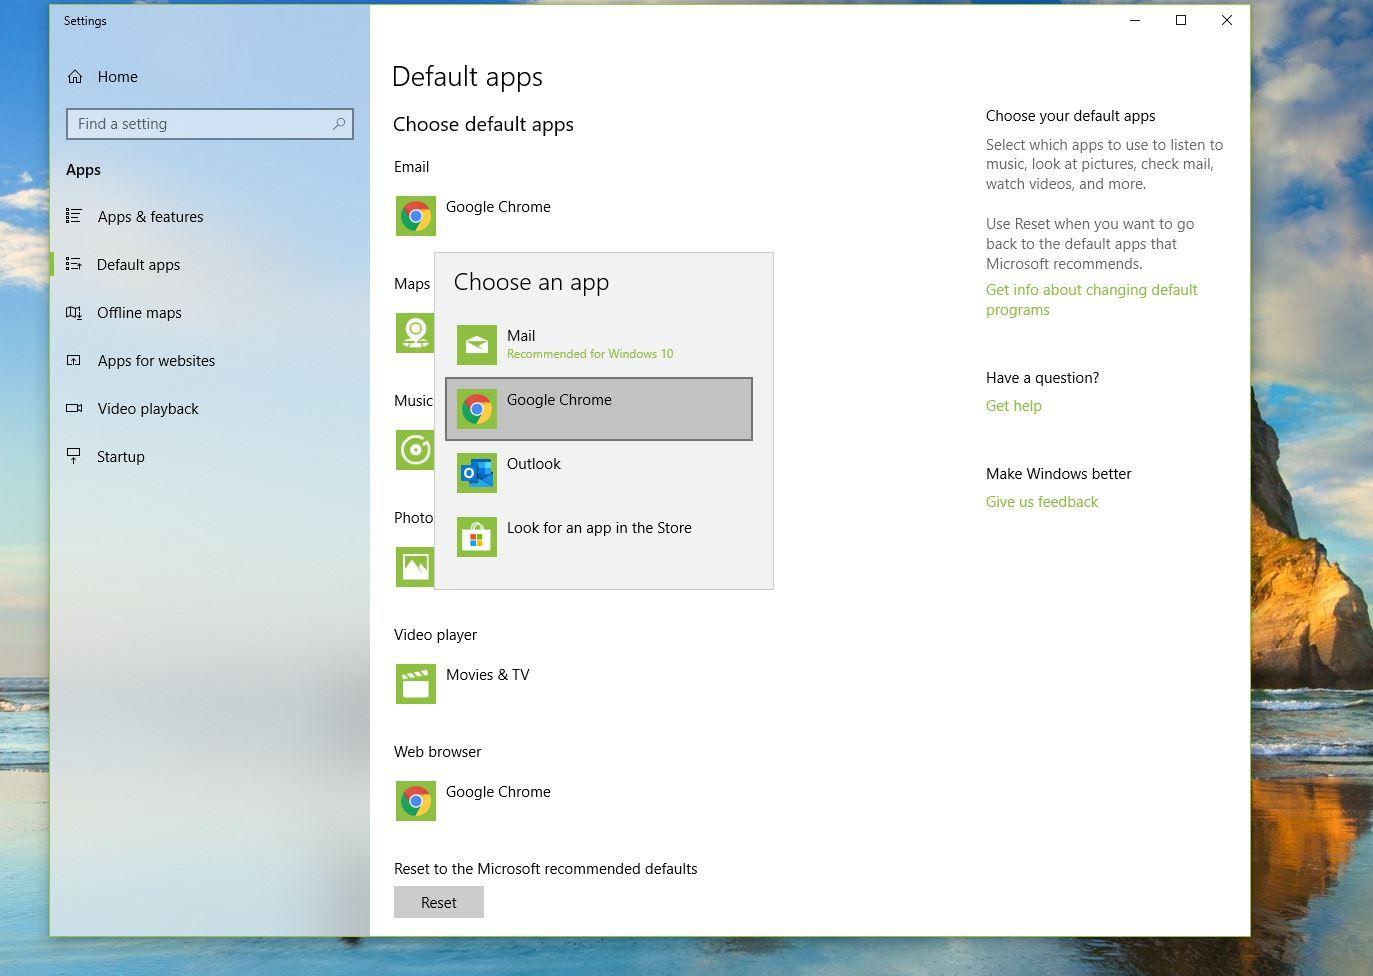 Screenshot of choosing Gmail as default email app in Windows 10